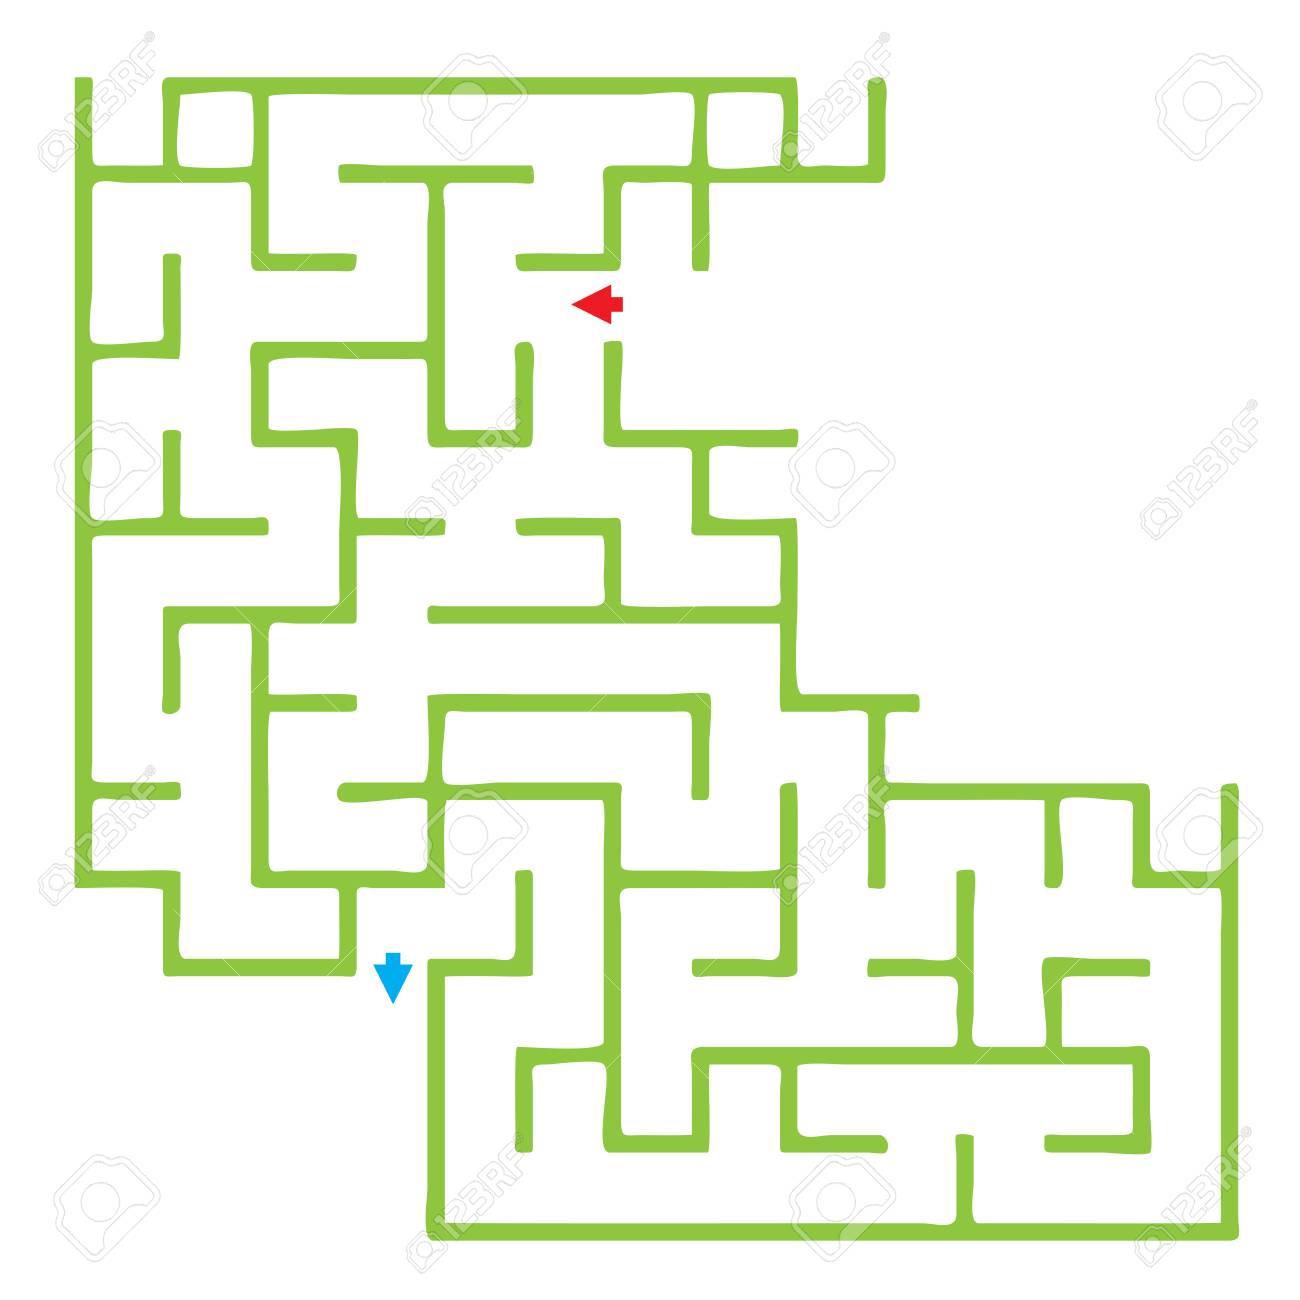 Jeu De Labyrinthe Drôle Pour Les Enfants. Quiz Pour Enfants D'âge  Préscolaire intérieur Quizz Enfant